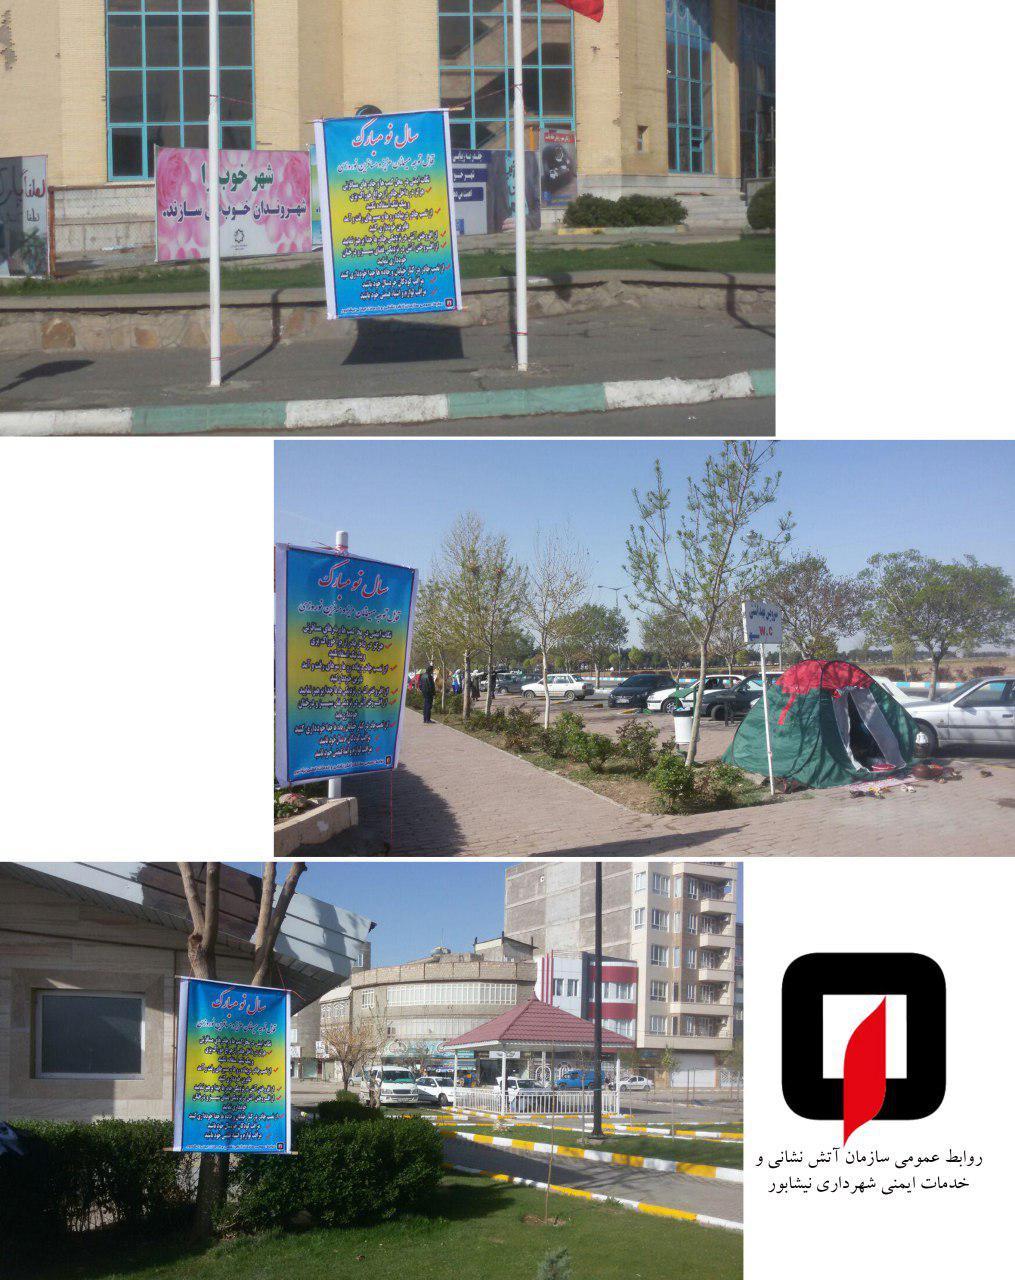 نصب تابلو های ایمنی برای چادر ها